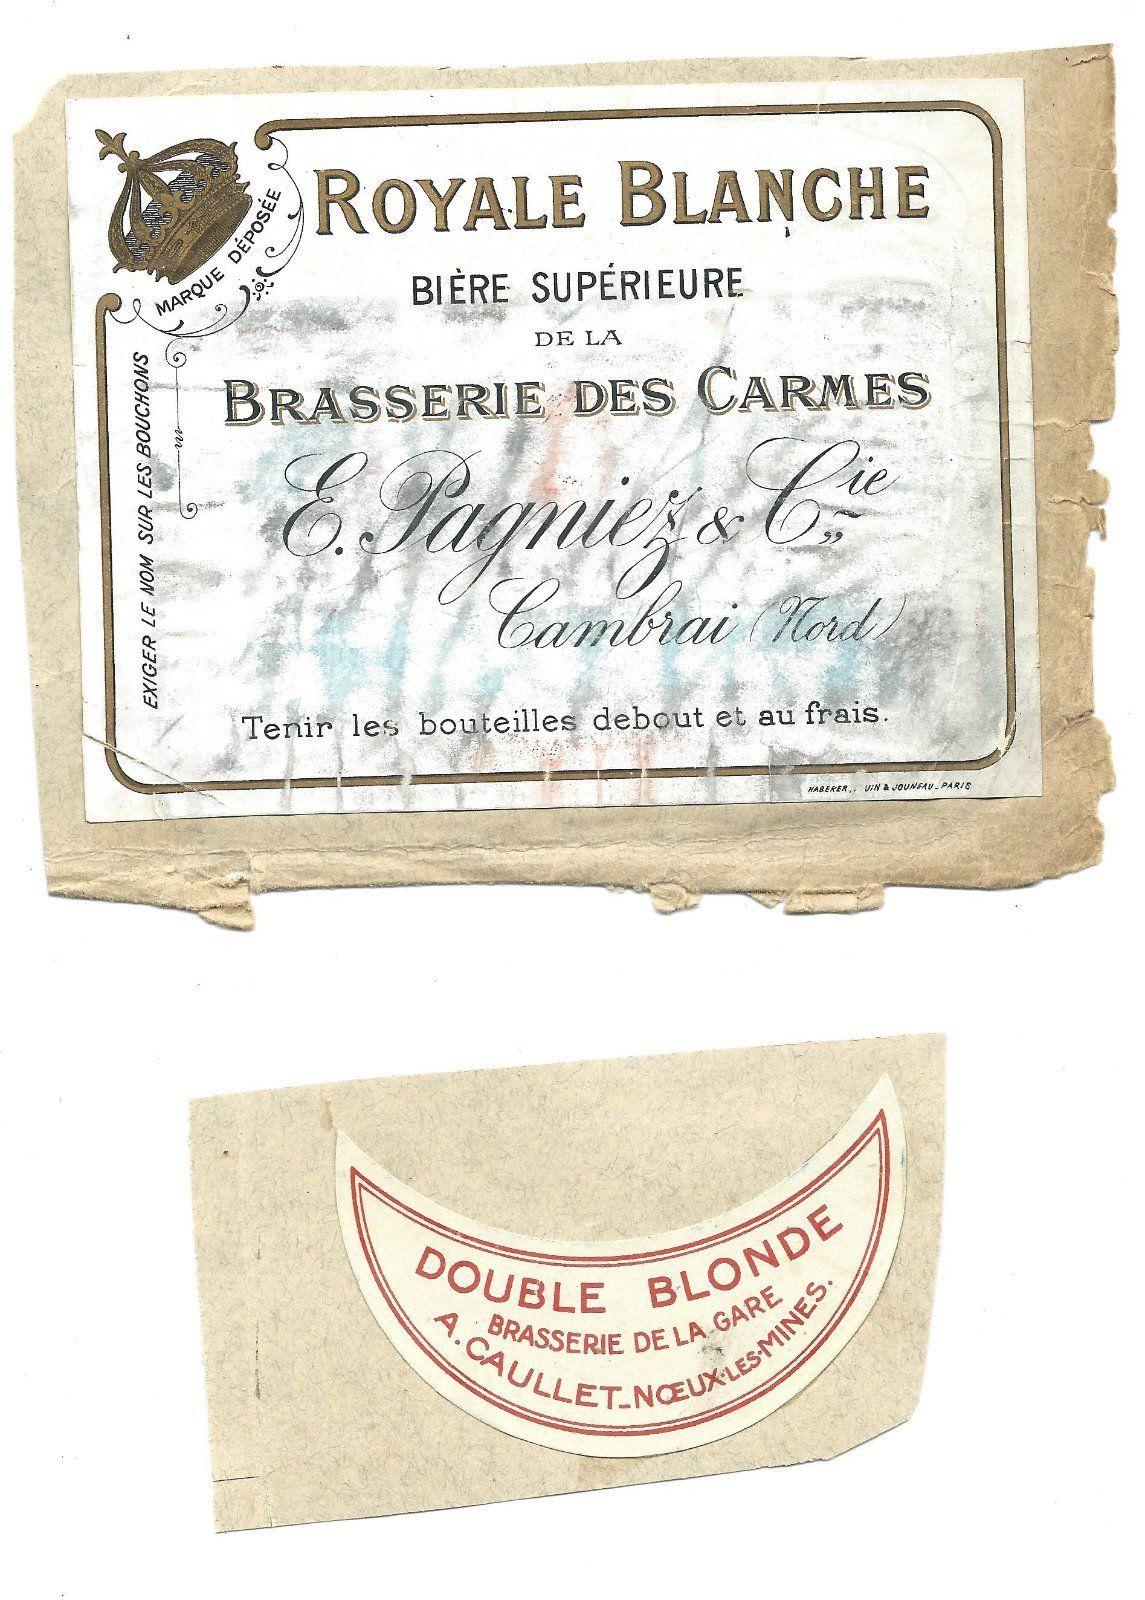 étiquette royale blanche 85 e.jpg